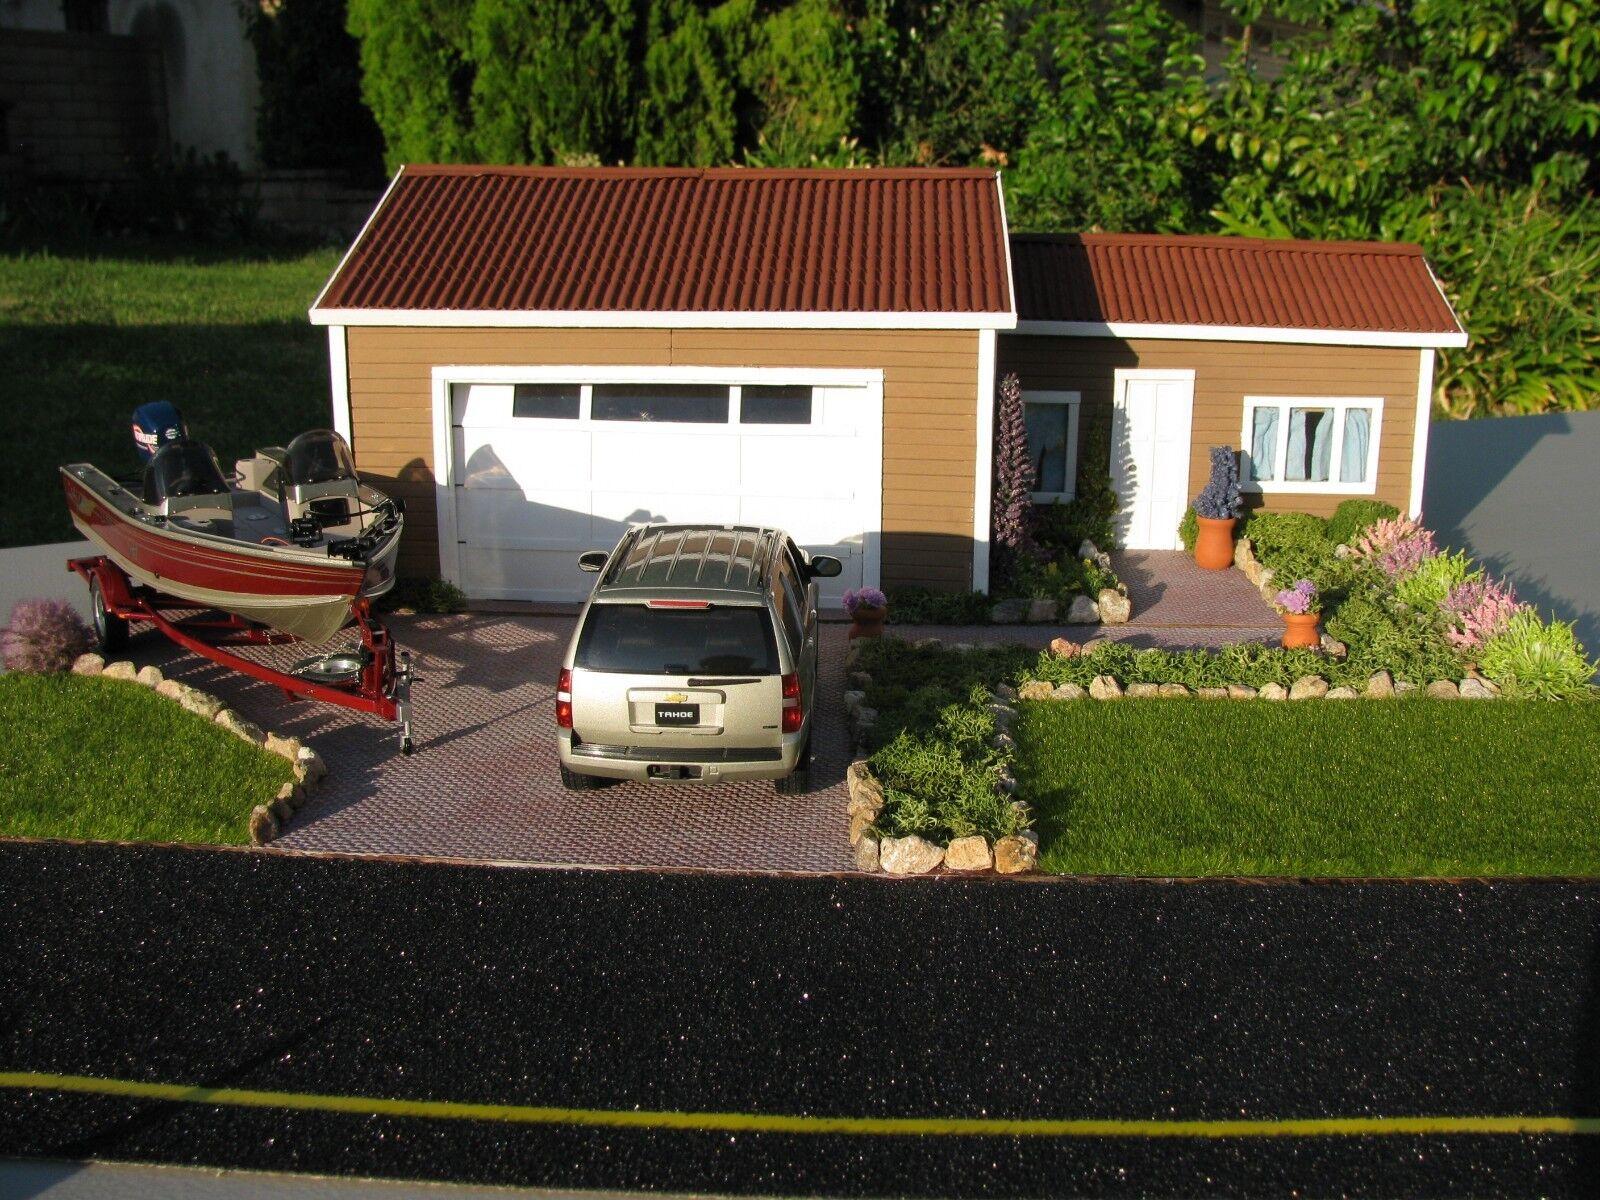 1 1 1 24-1 25 SCALE SCRATCHBUILT HOUSE DIORAMA BUILT BY ADAM GORMAN   936b7e